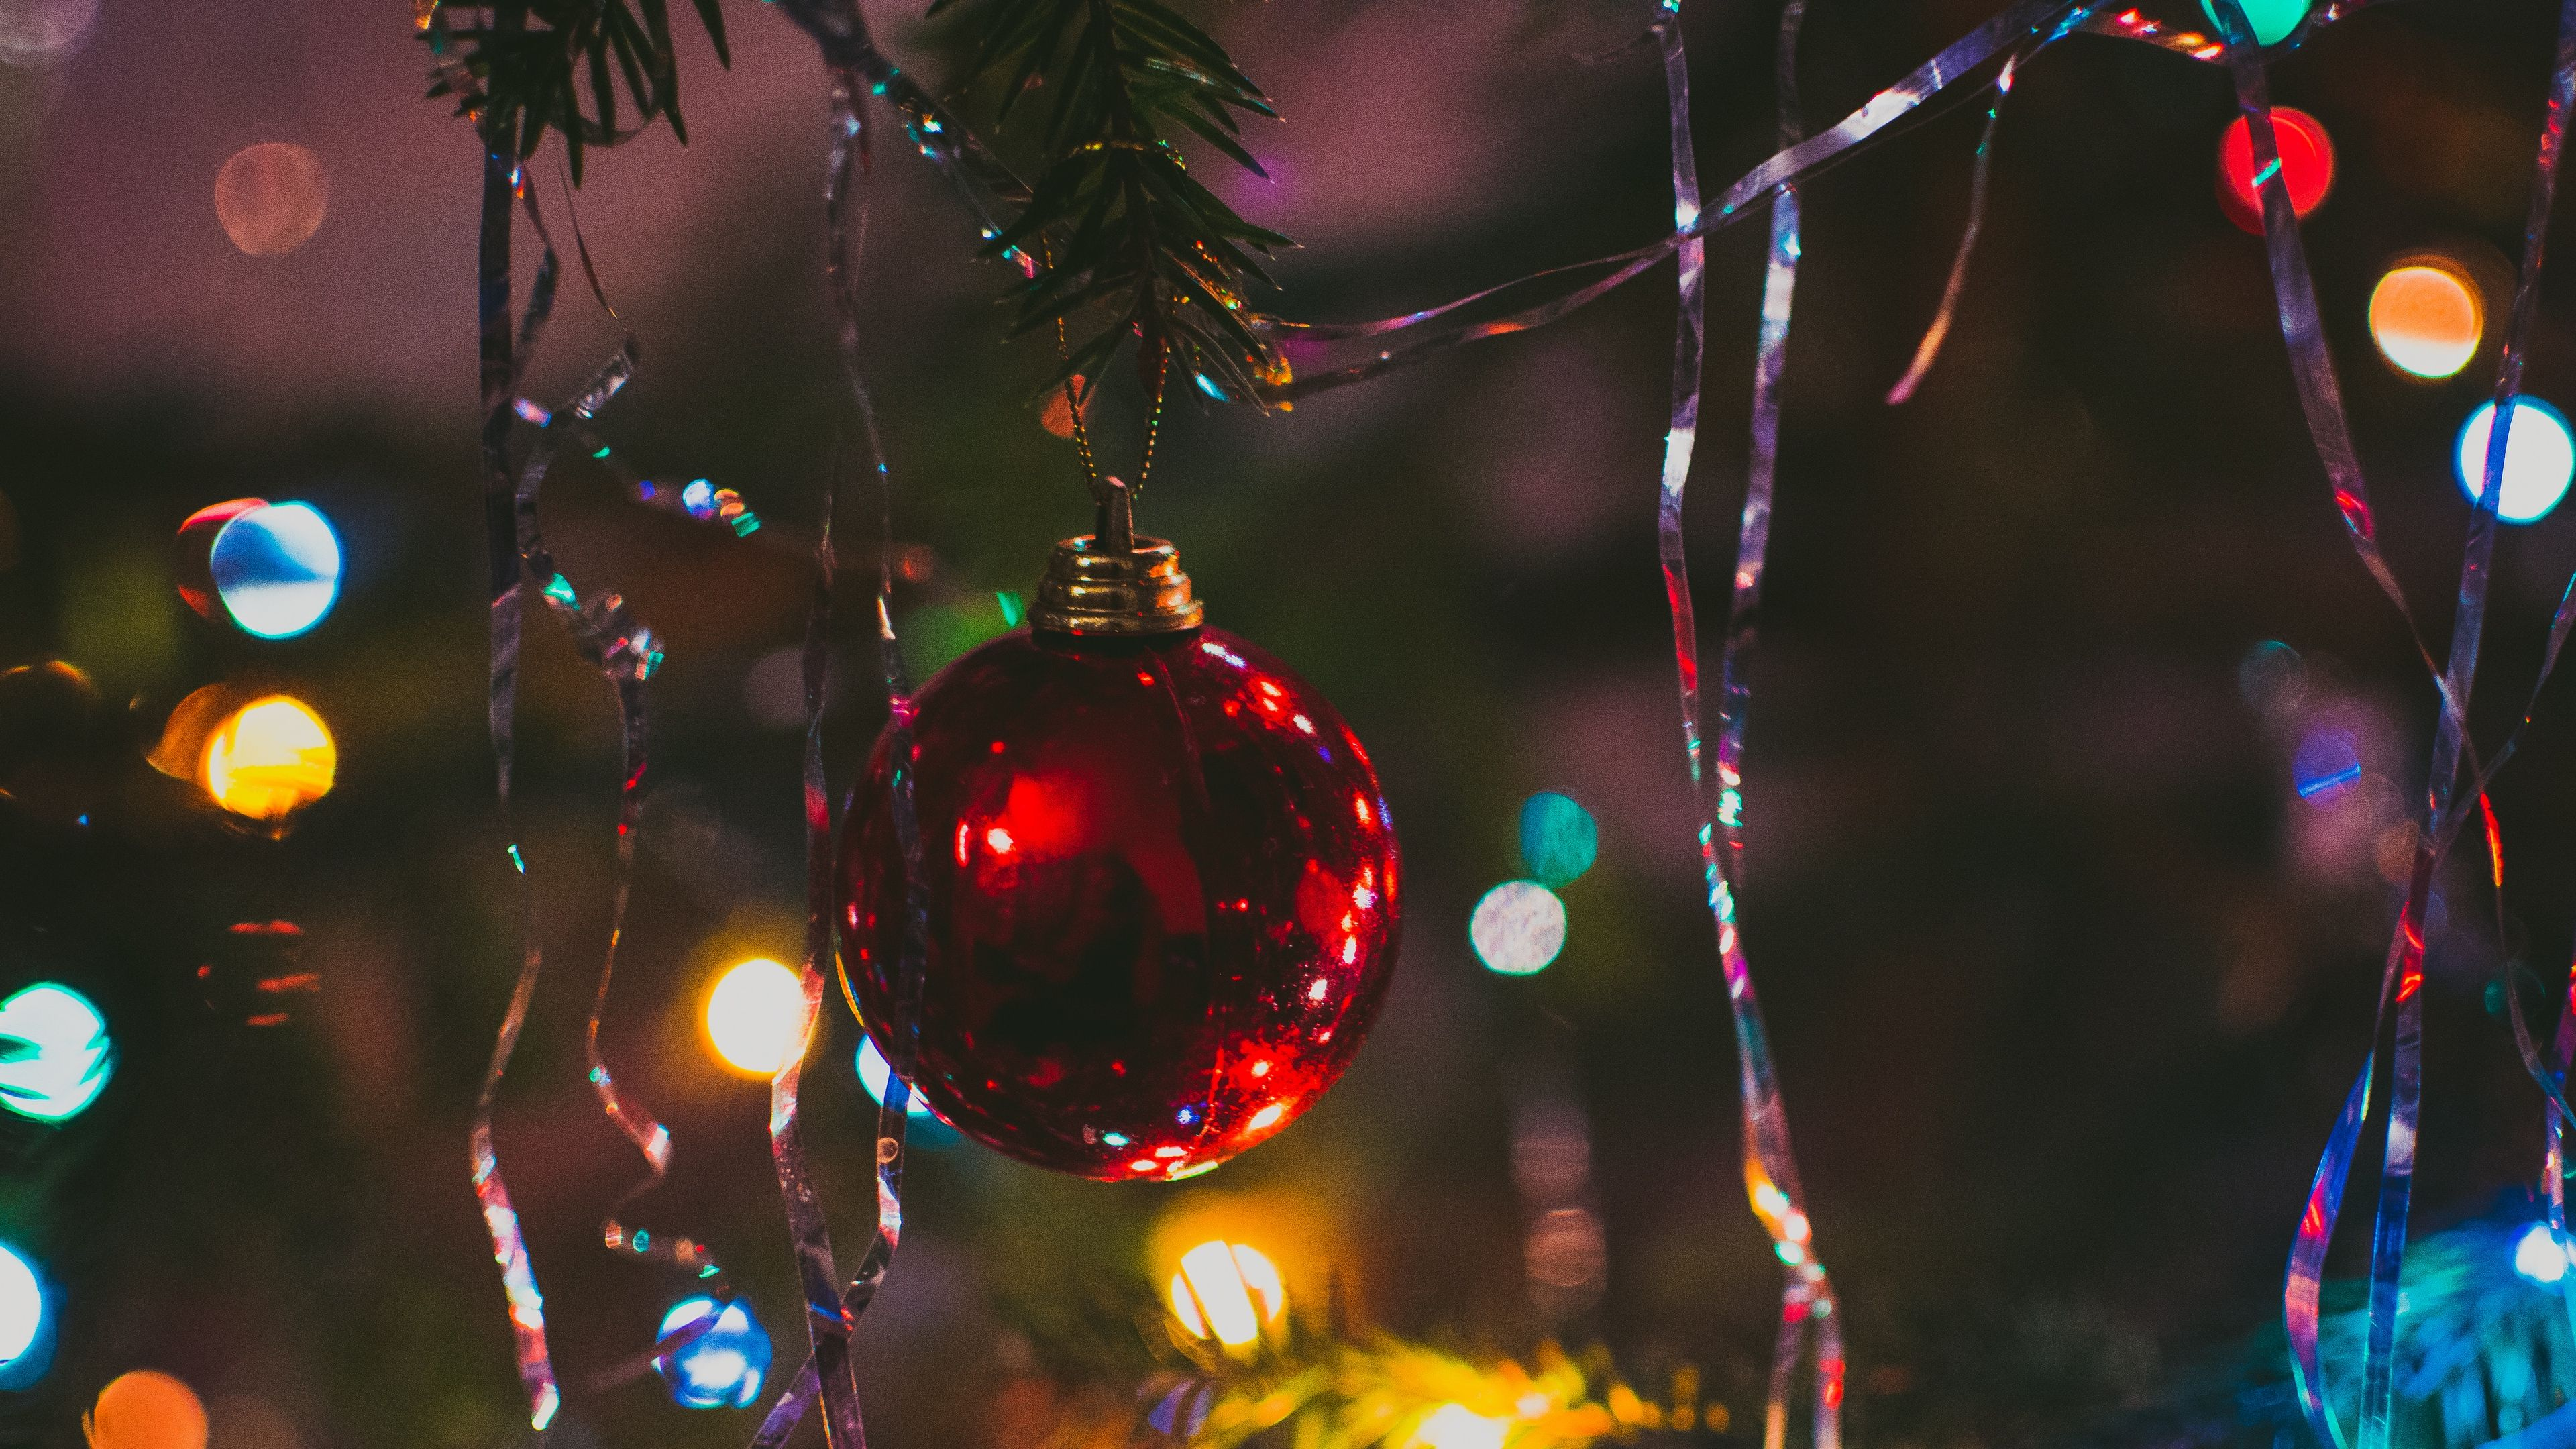 Christmas Tree Ball Fir New Year Christmas 4k Fir Christmas Tree Ball Christmas Wallpaper Red Christmas Tree Christmas Wallpaper Backgrounds